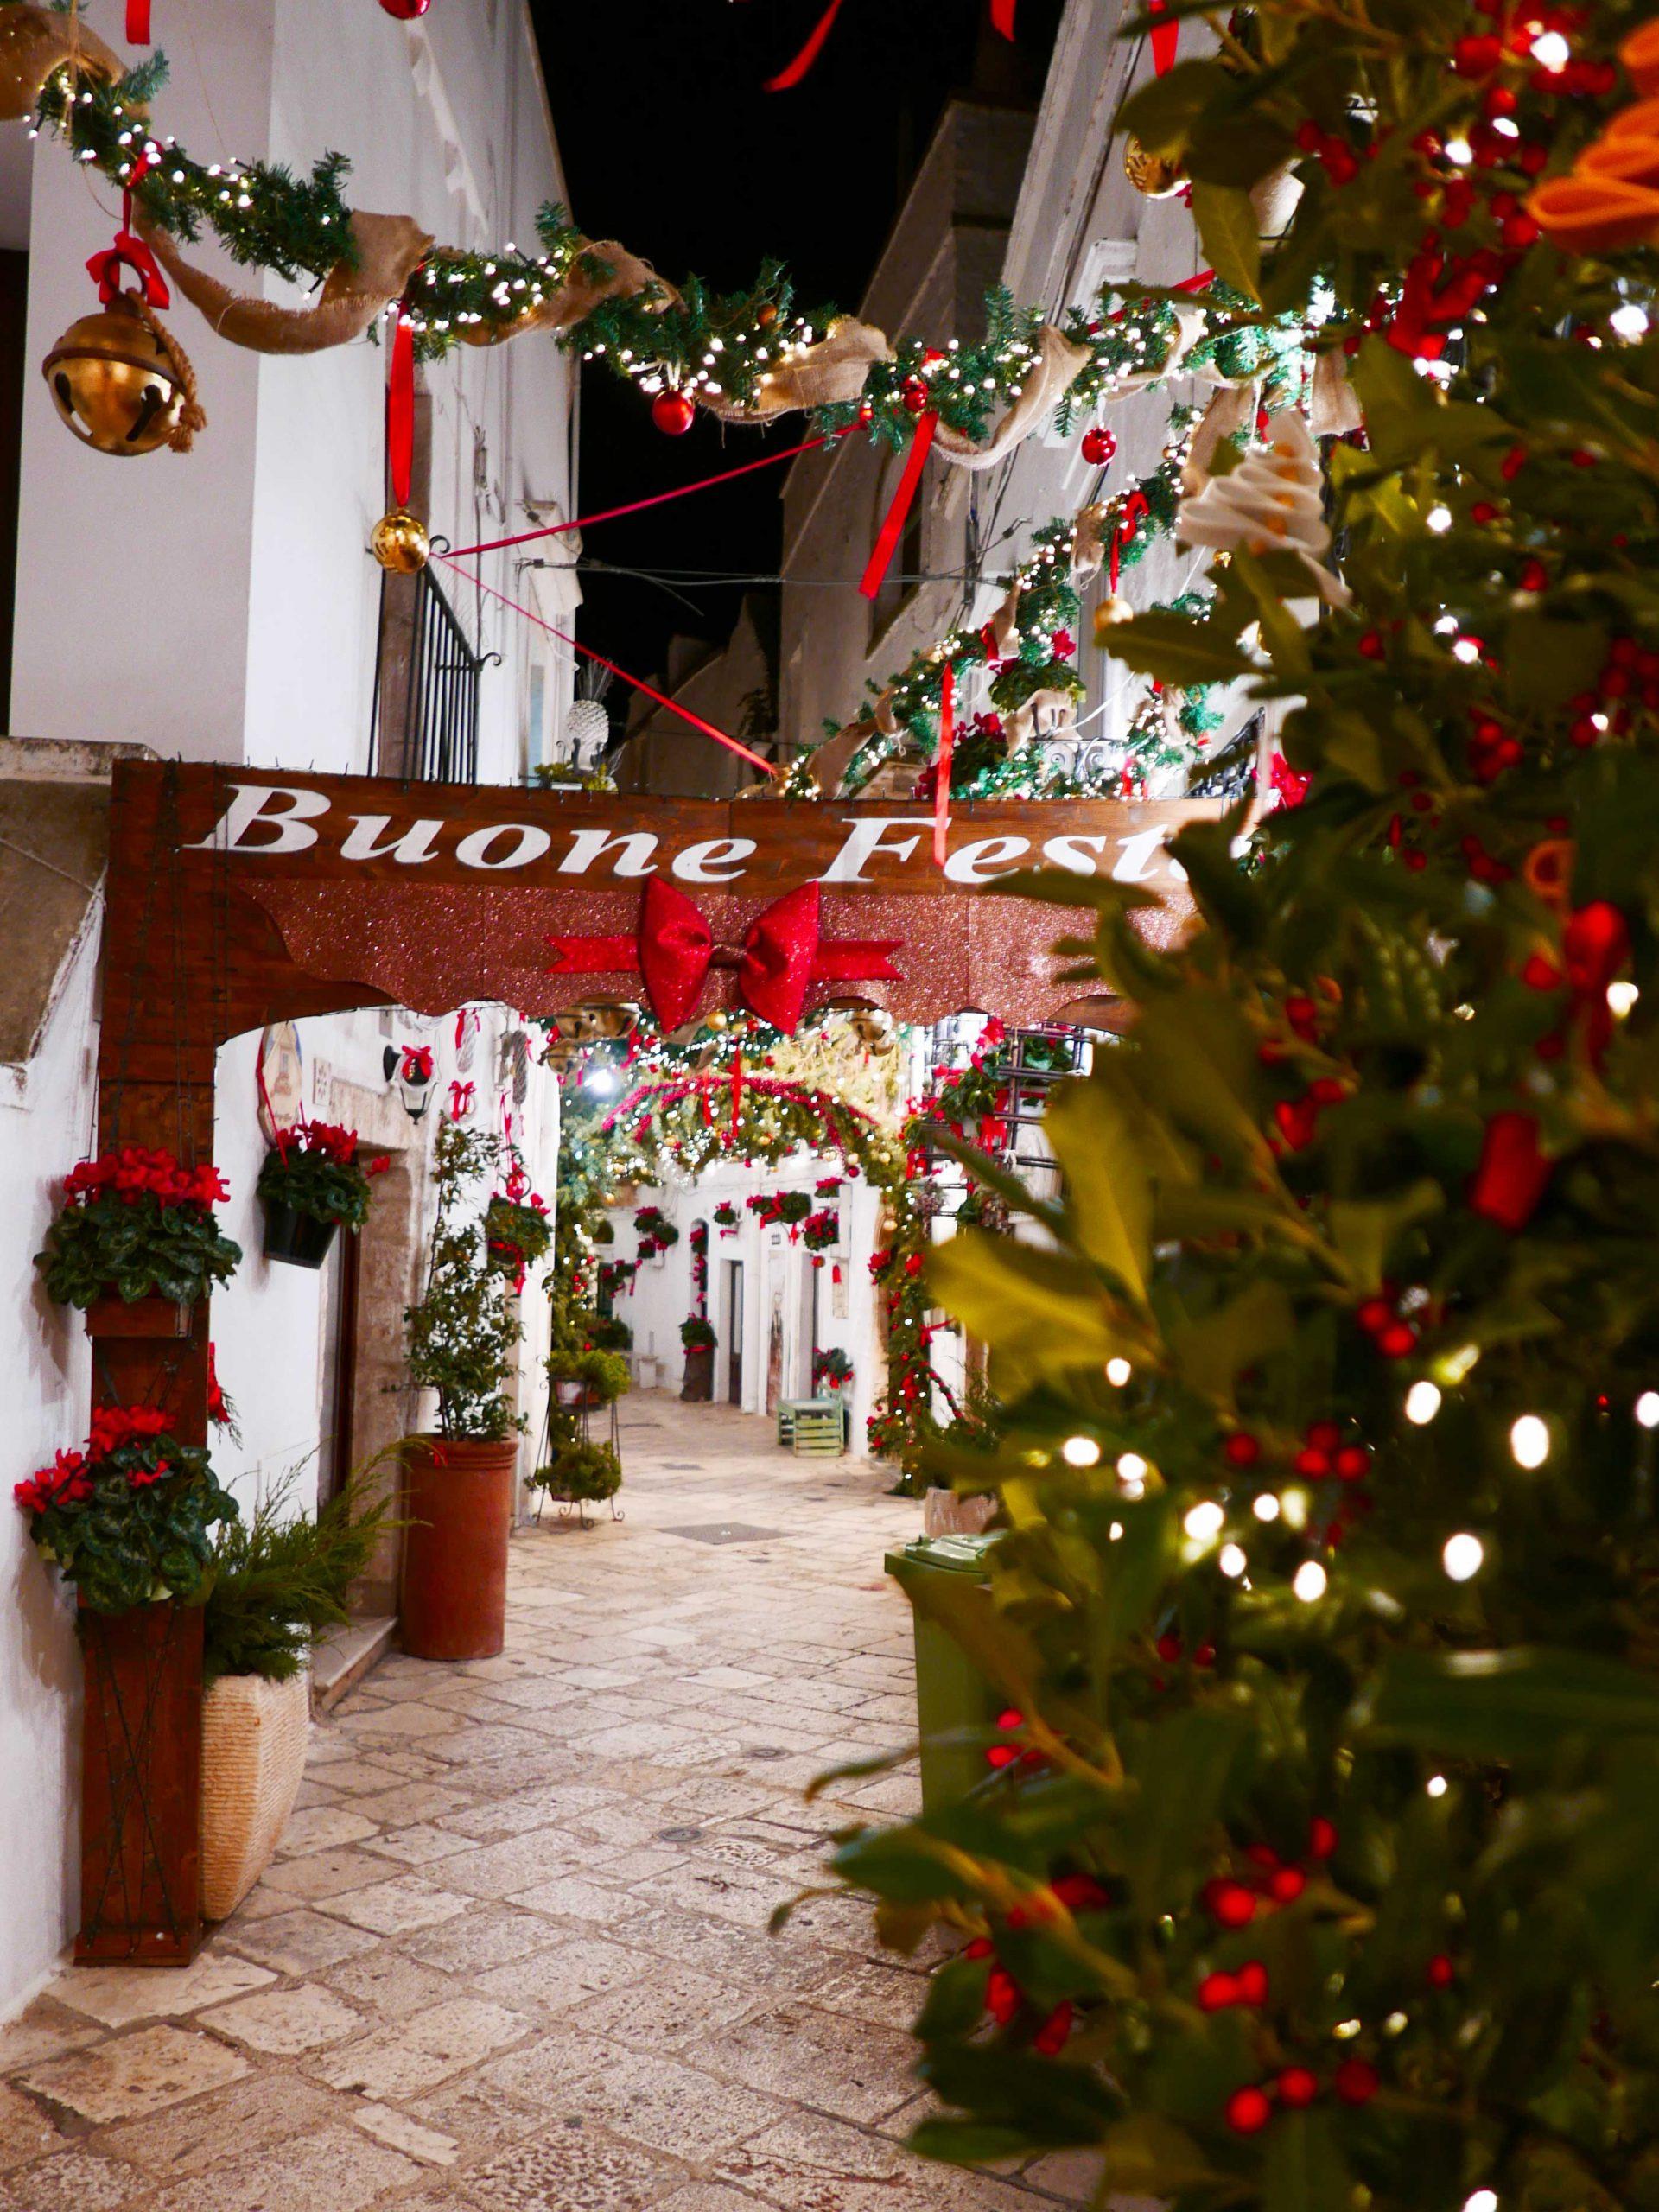 Il weekend dell'Immacolata in Valle d'Itria, tra tradizioni e borghi per assaporare l'arrivo del Natale